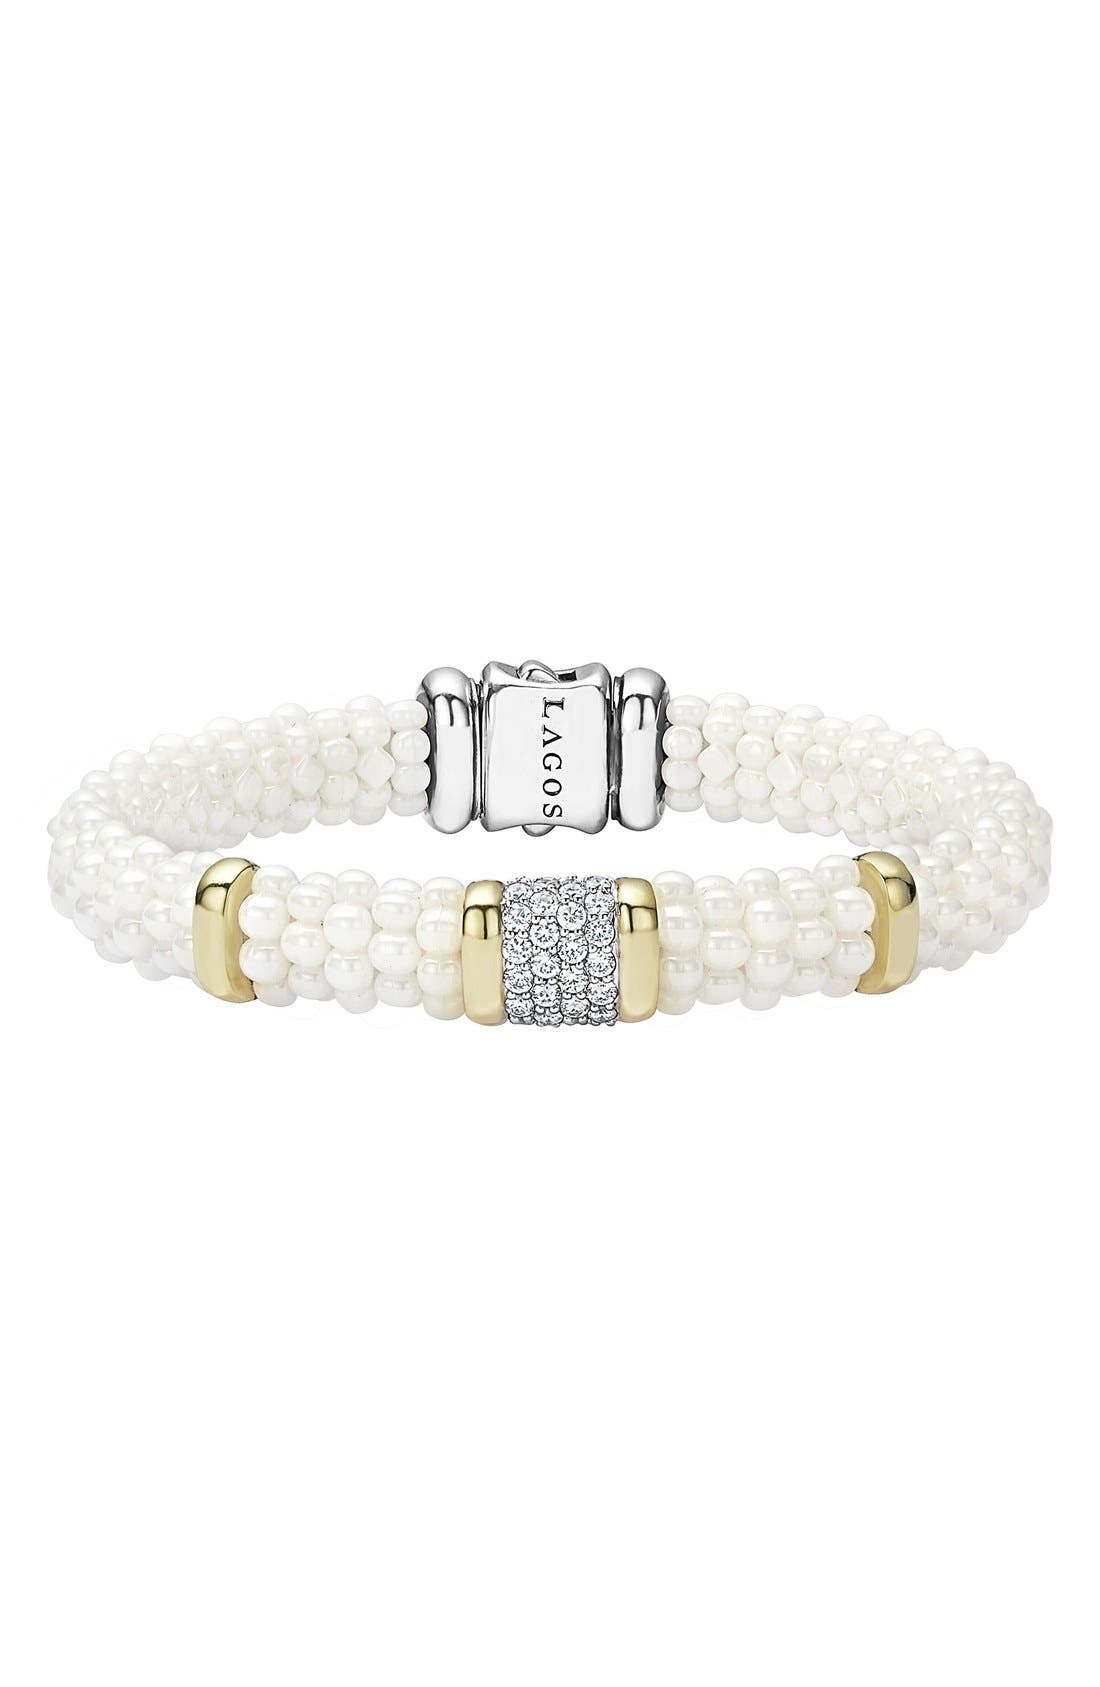 Main Image - LAGOS 'White Caviar' Diamond Rope Bracelet